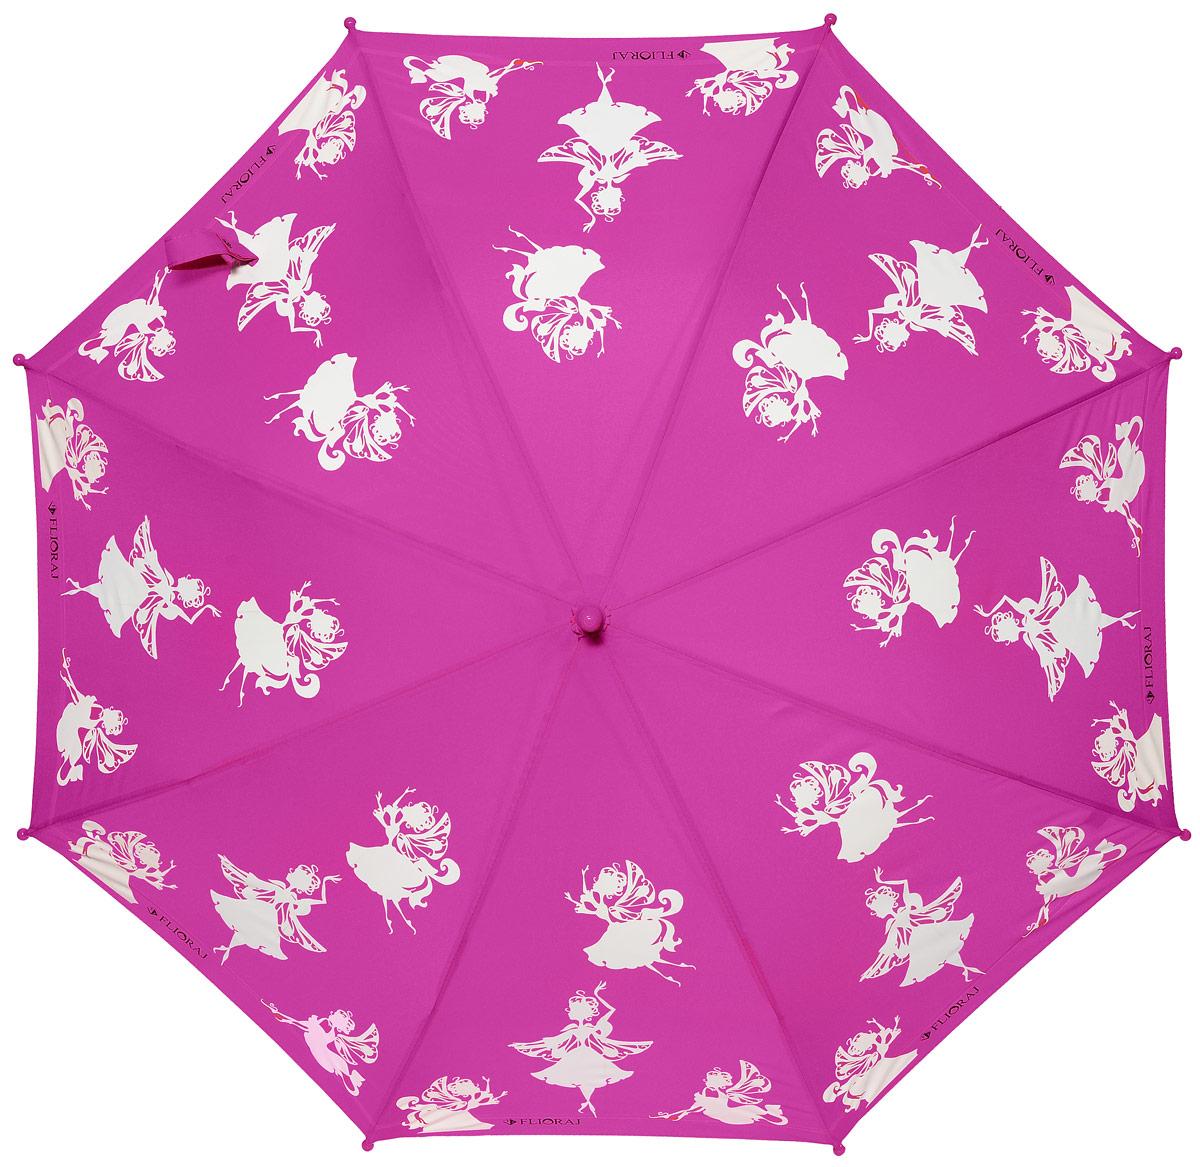 Зонт детский Flioraj 051203051203 FJОчаровательный зонт для детей в нескольких цветах. Маленькие феи будто случайно спустились на зонт и теперь кружатся в радужном танце. Детский зонтик Flioraj с поверхностью реагирующей на воду, при намокании рисунок становится цветным, он обязательно понравится Вам и Вашему ребенку! Предназначен для детей младшего и среднего школьного возраста. Для удобства предусмотрена безопасная технология открывания и закрывания зонта. Спицы зонта изготовлены из долговечного, но при этом легкого фибергласса, что делает его ветроустойчивым и прочным.